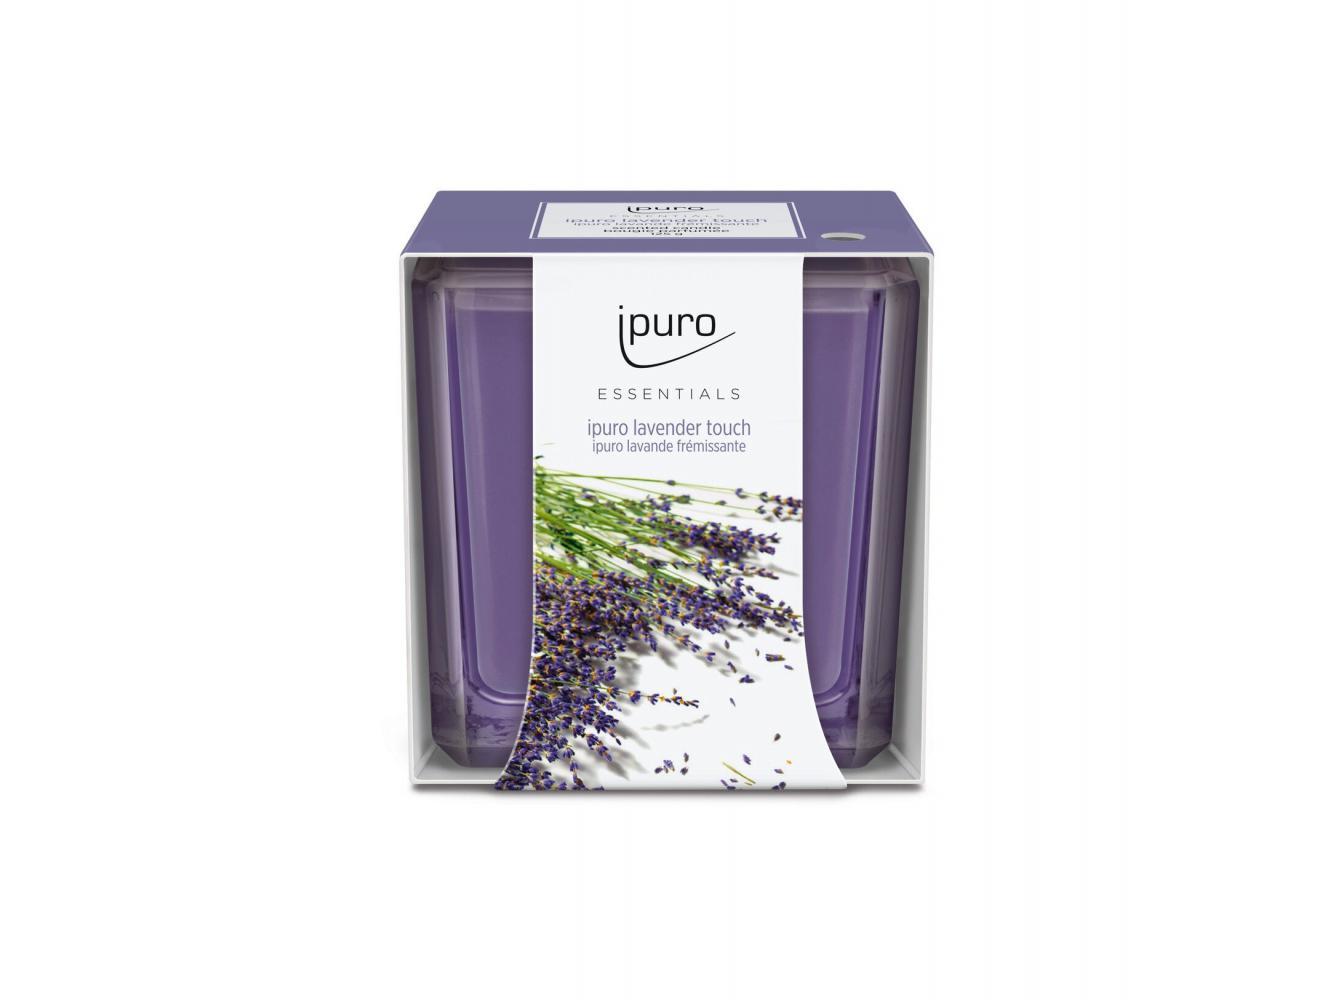 Ipuro Lavender Touch Geurkaars